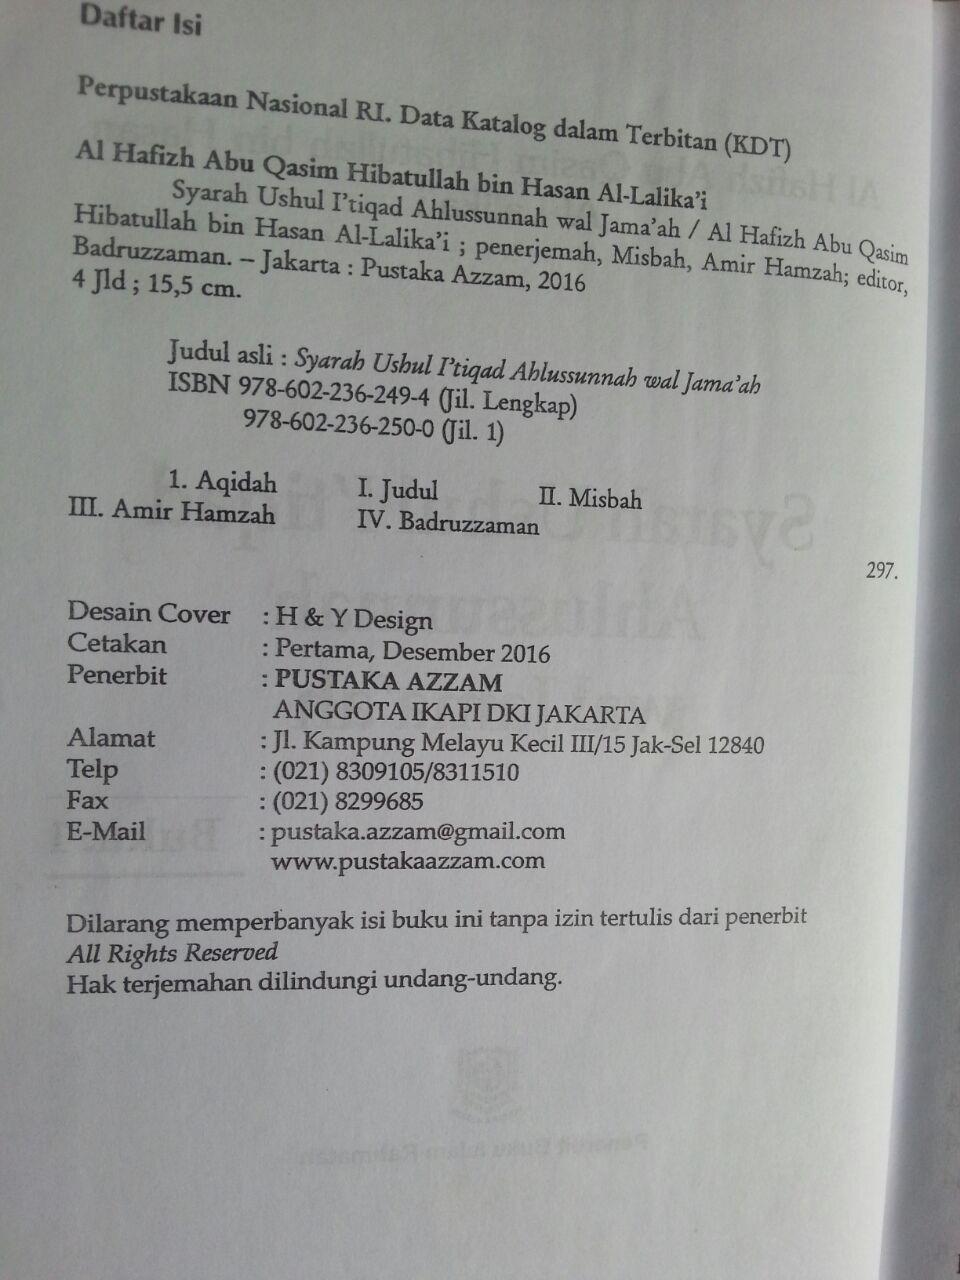 Buku Syarah Ushul I'tiqad Ahlussunnah Wal Jama'ah Set 8 Jilid 1 isi